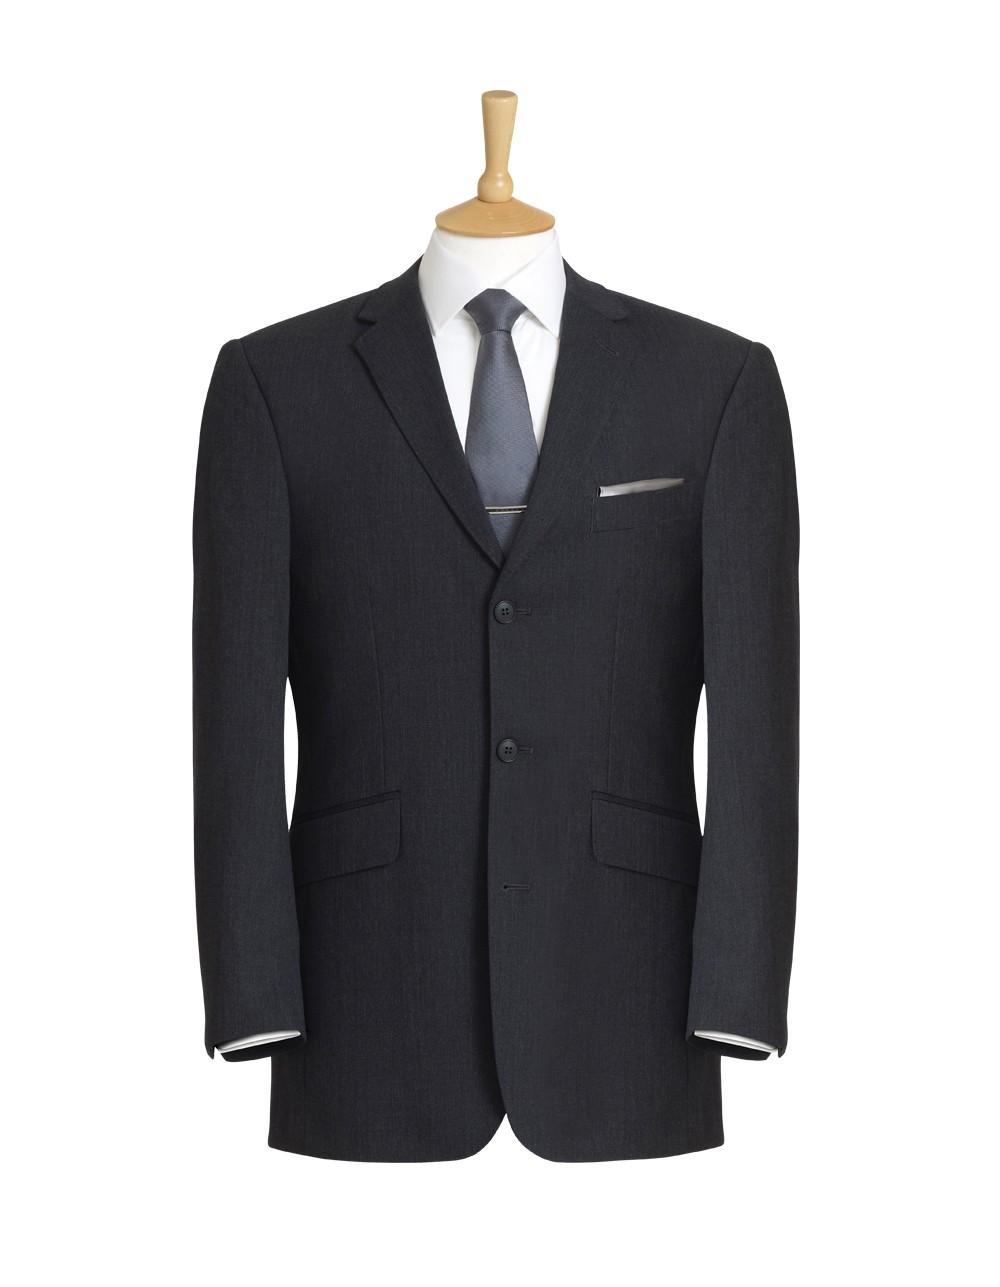 Gents SB3 Fully Washable Jacket